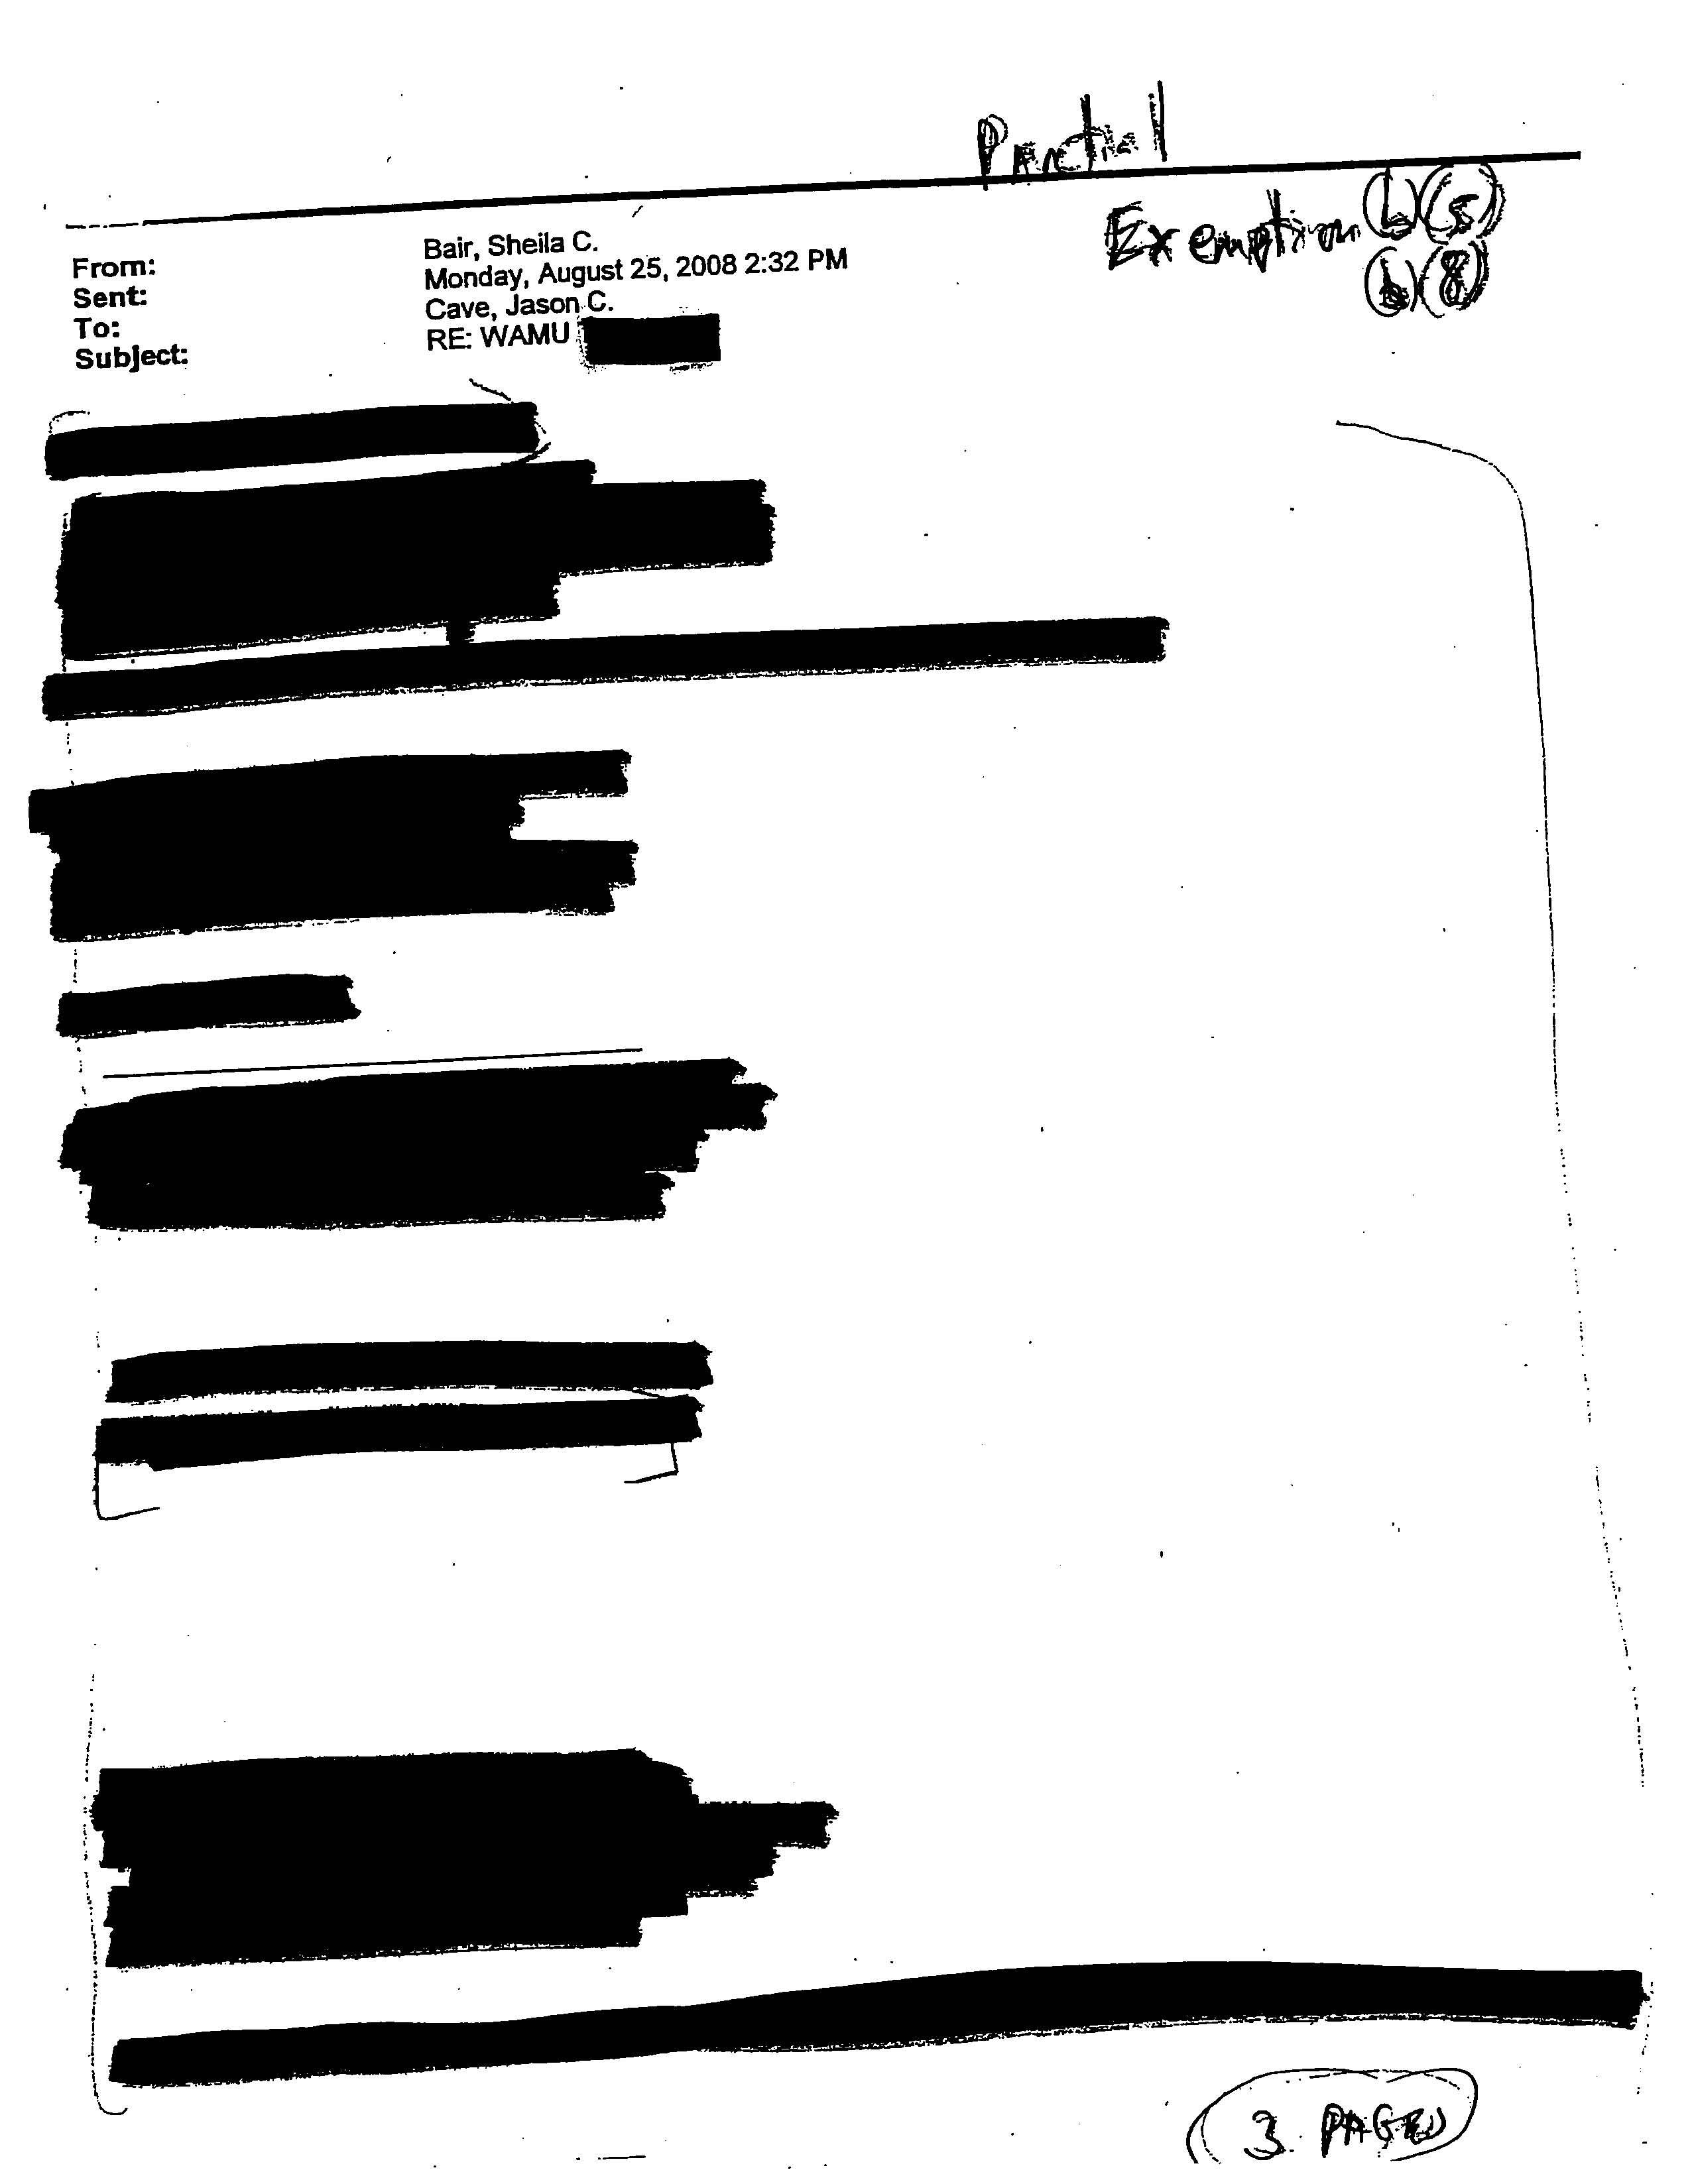 Bair emails2